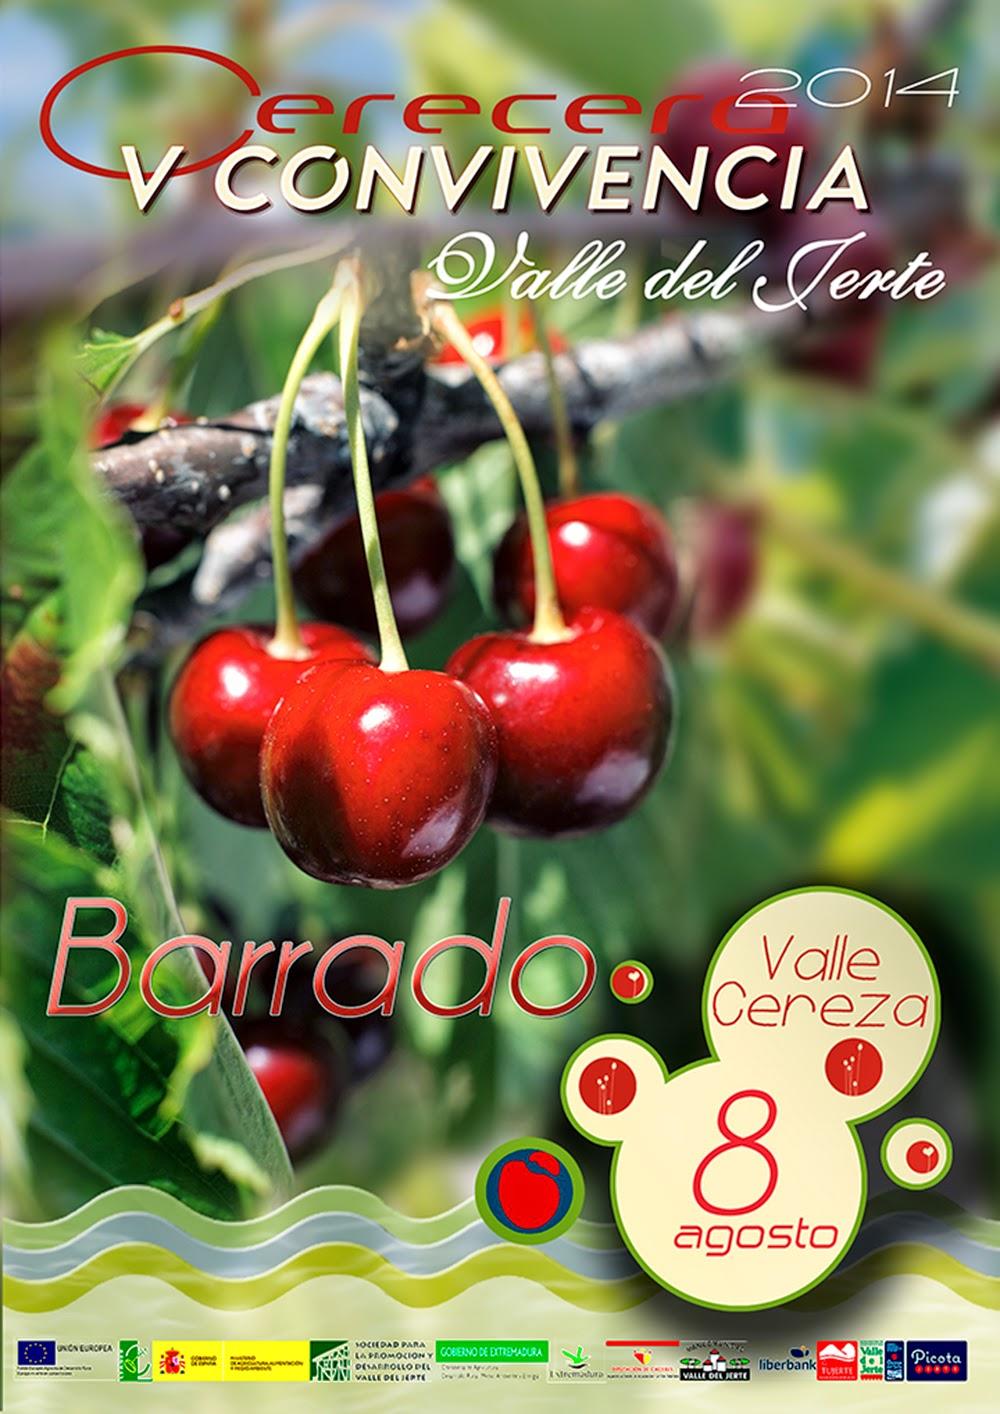 Convivencia Cerecera 2014. Valle del Jerte